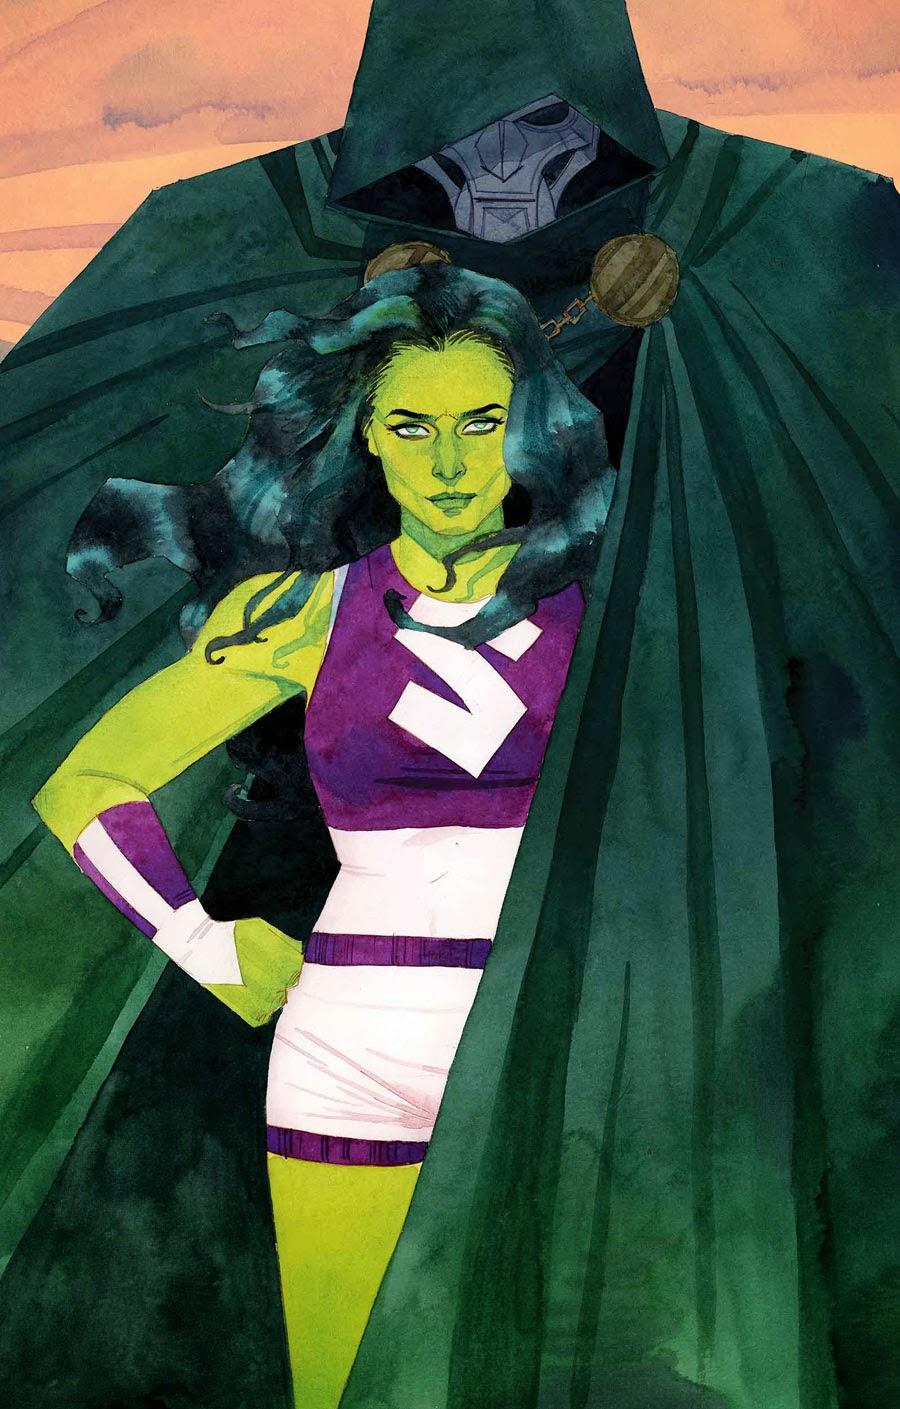 Diy She Hulk Costume Captain marvel, she-hulk,